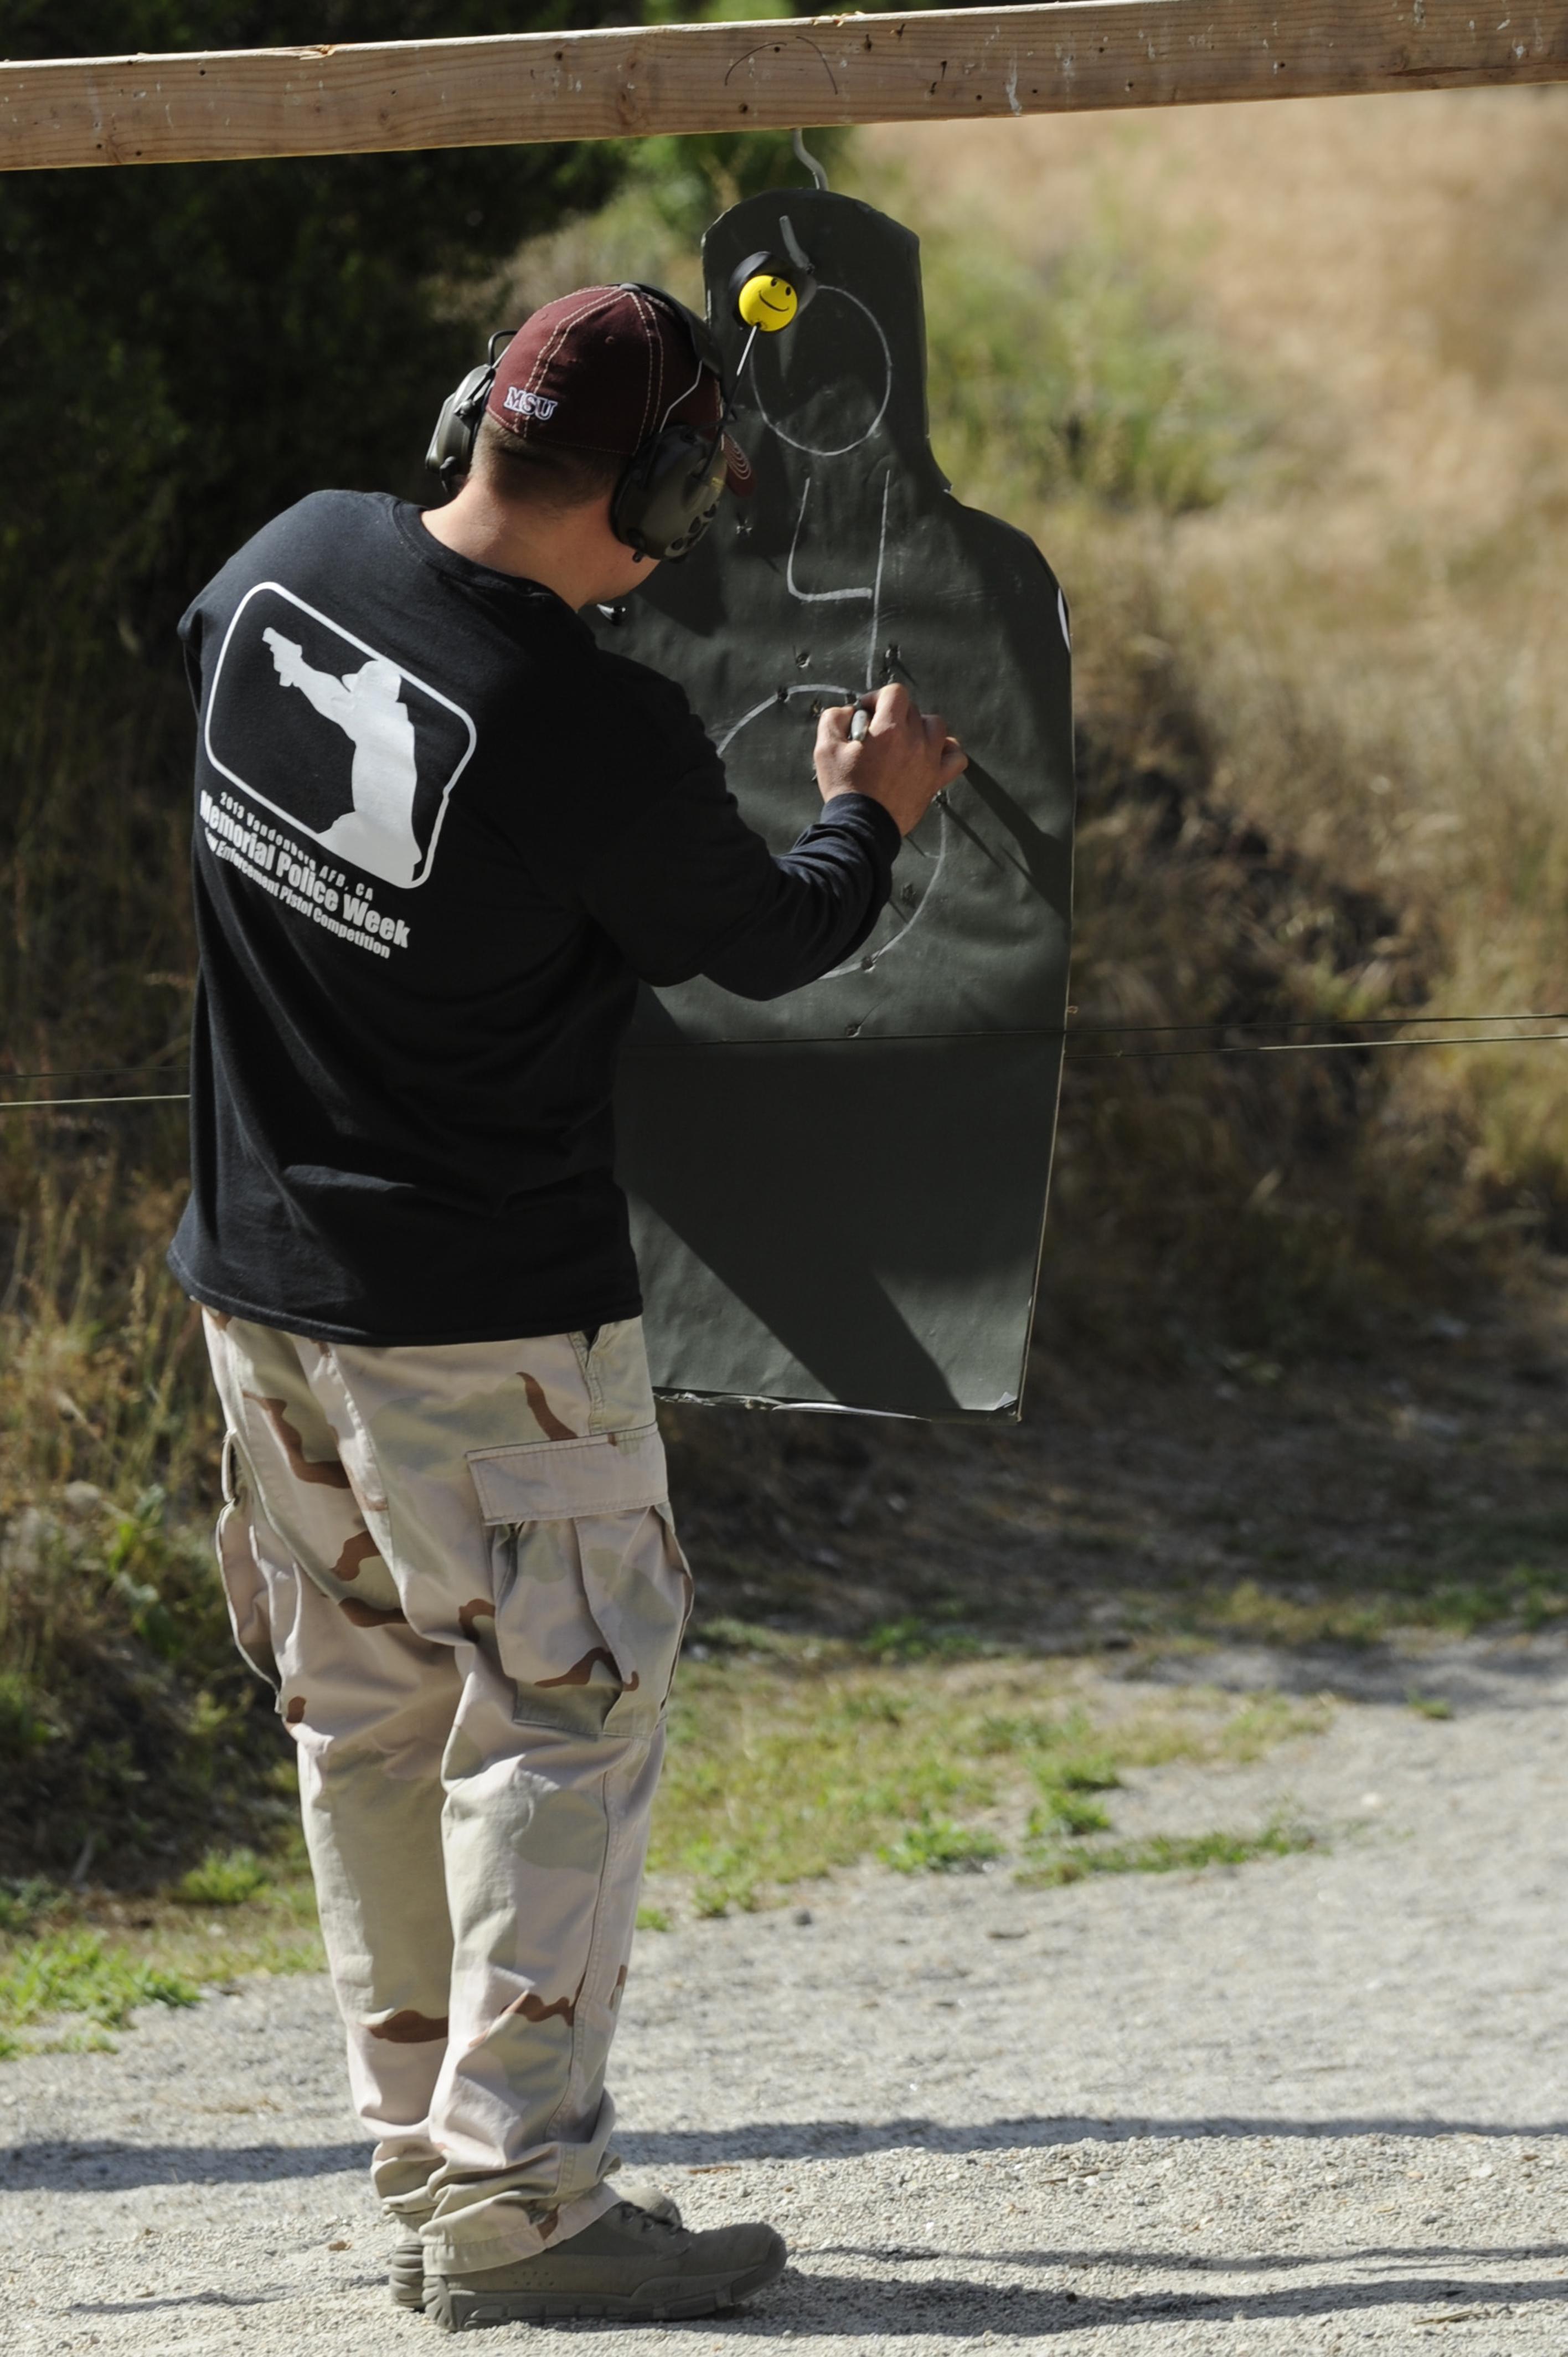 30 SFS hosts a Law Enforcement Pistol Shoot competition